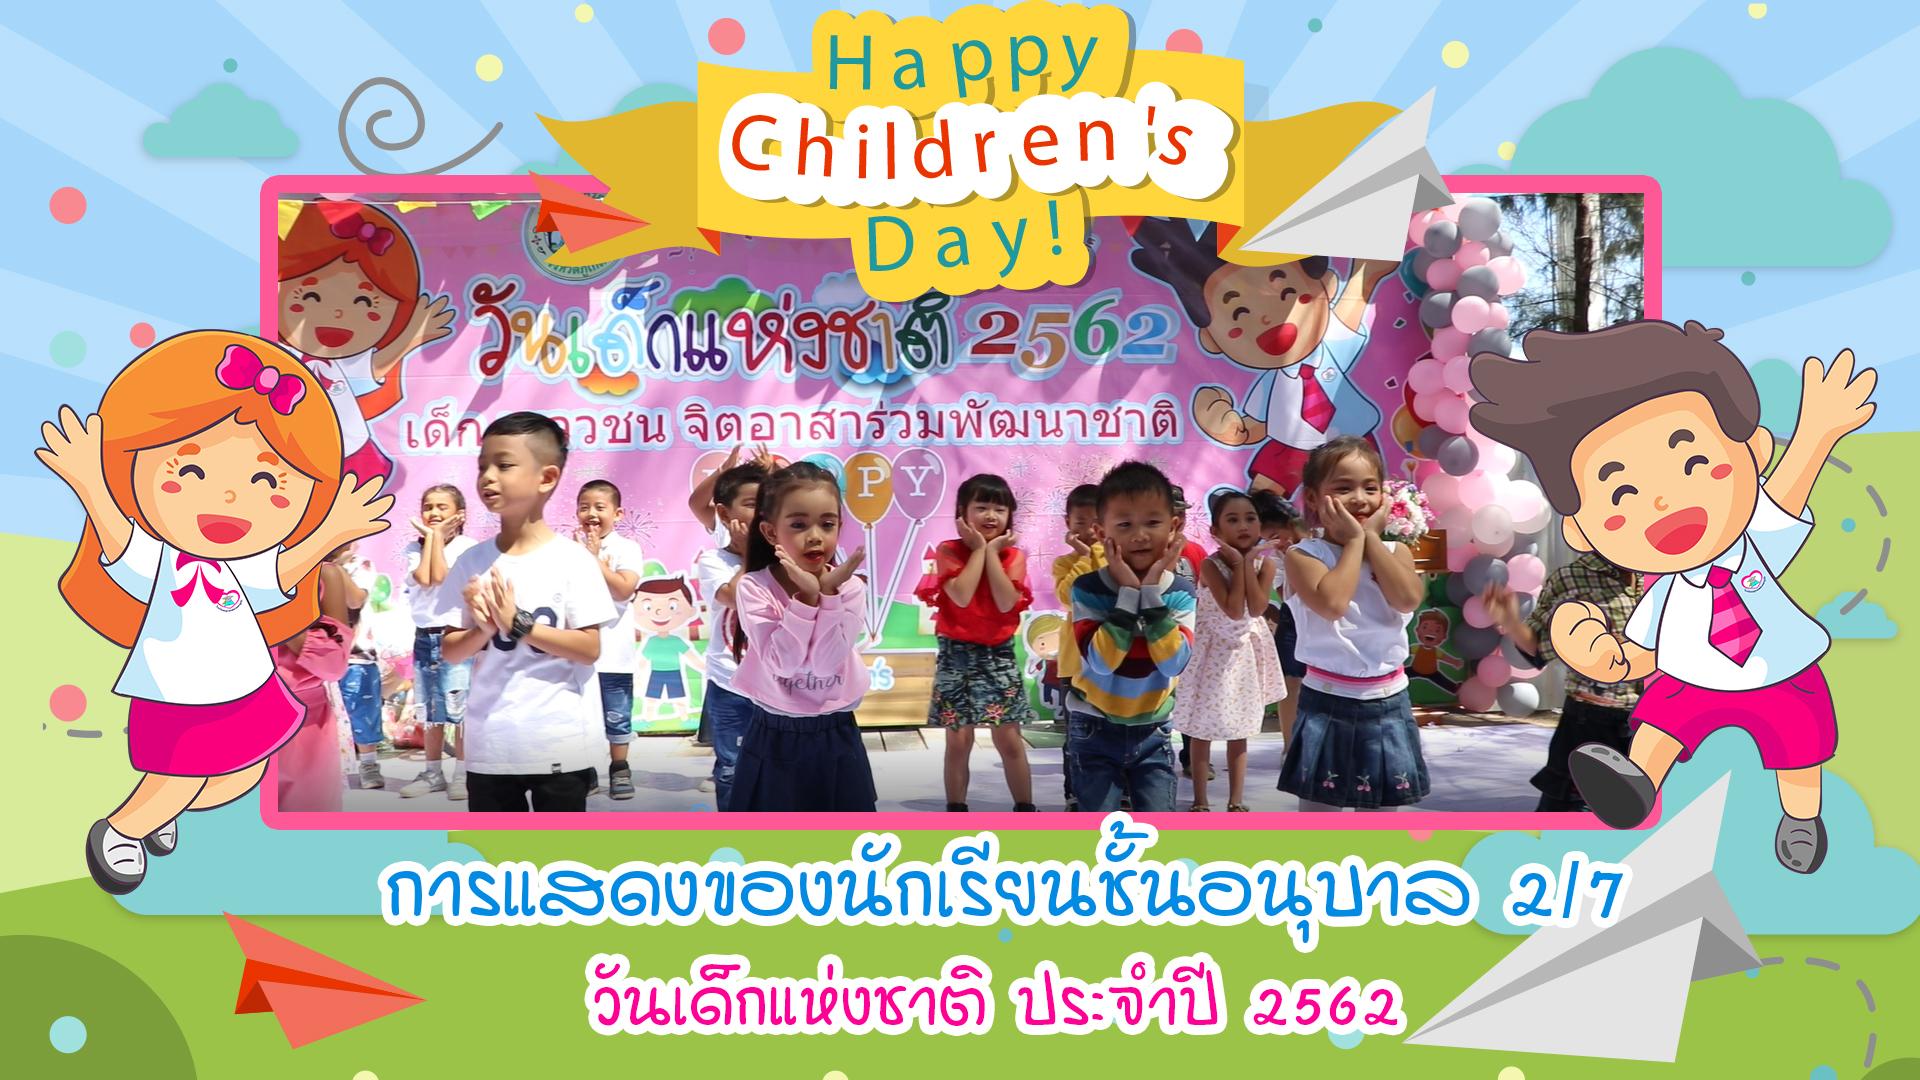 การแสดงของนักเรียนชั้นอนุบาล 2/7 กิจกรรมวันเด็กแห่งชาติ ประจำปี 2562